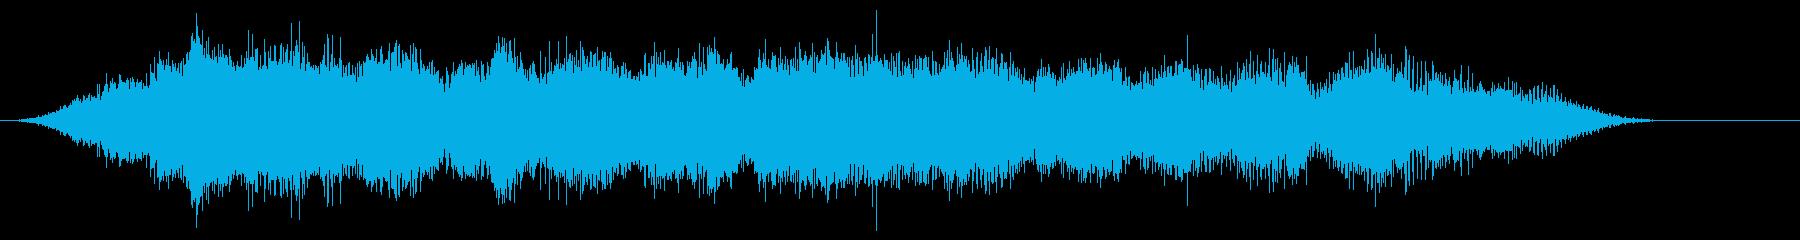 音楽:不気味なストレッチピアノ、リ...の再生済みの波形